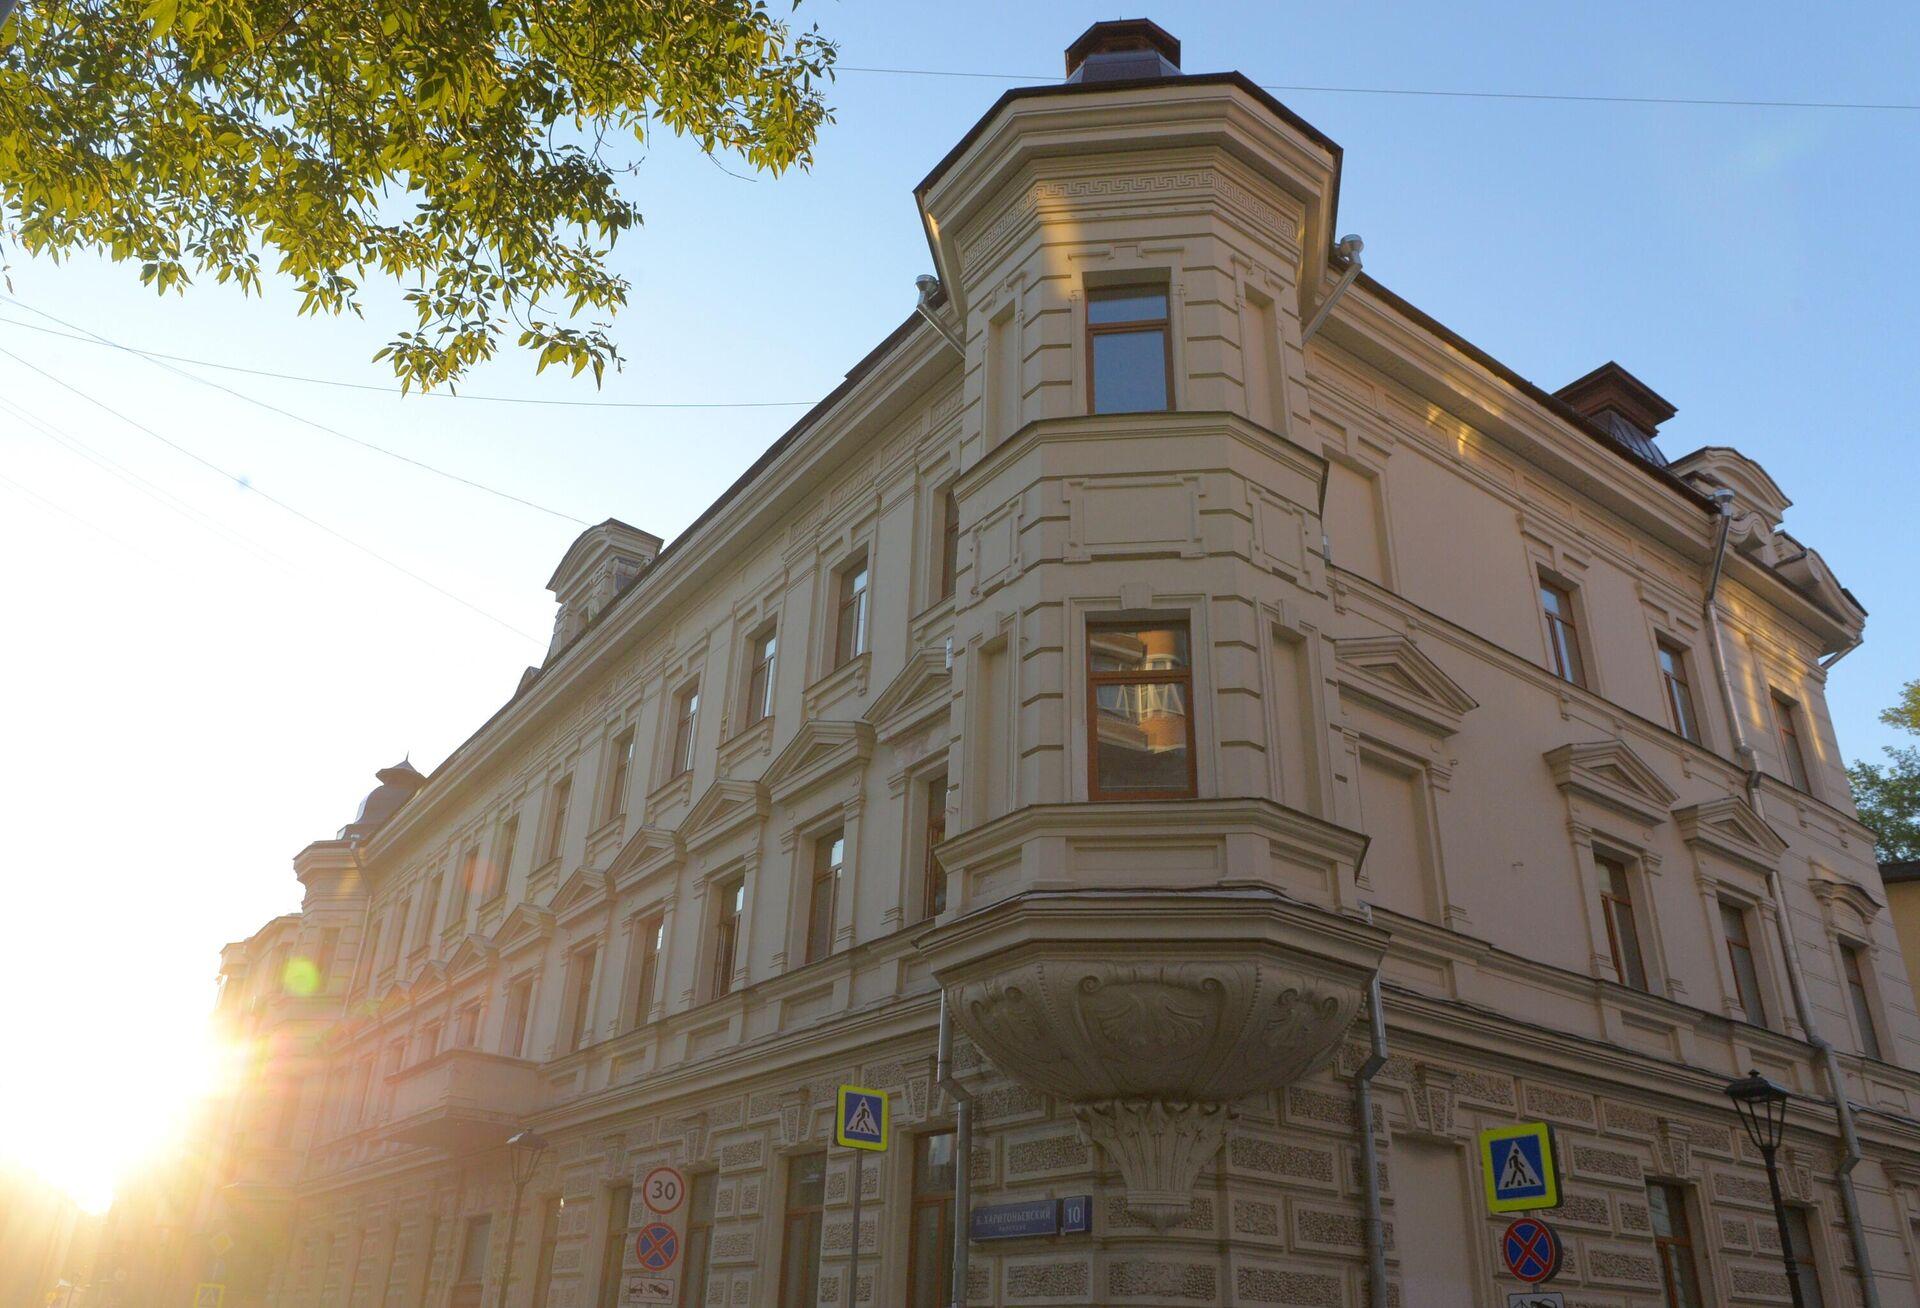 Дом в Большом Харитоньевском переулке в Москве - РИА Новости, 1920, 09.09.2021